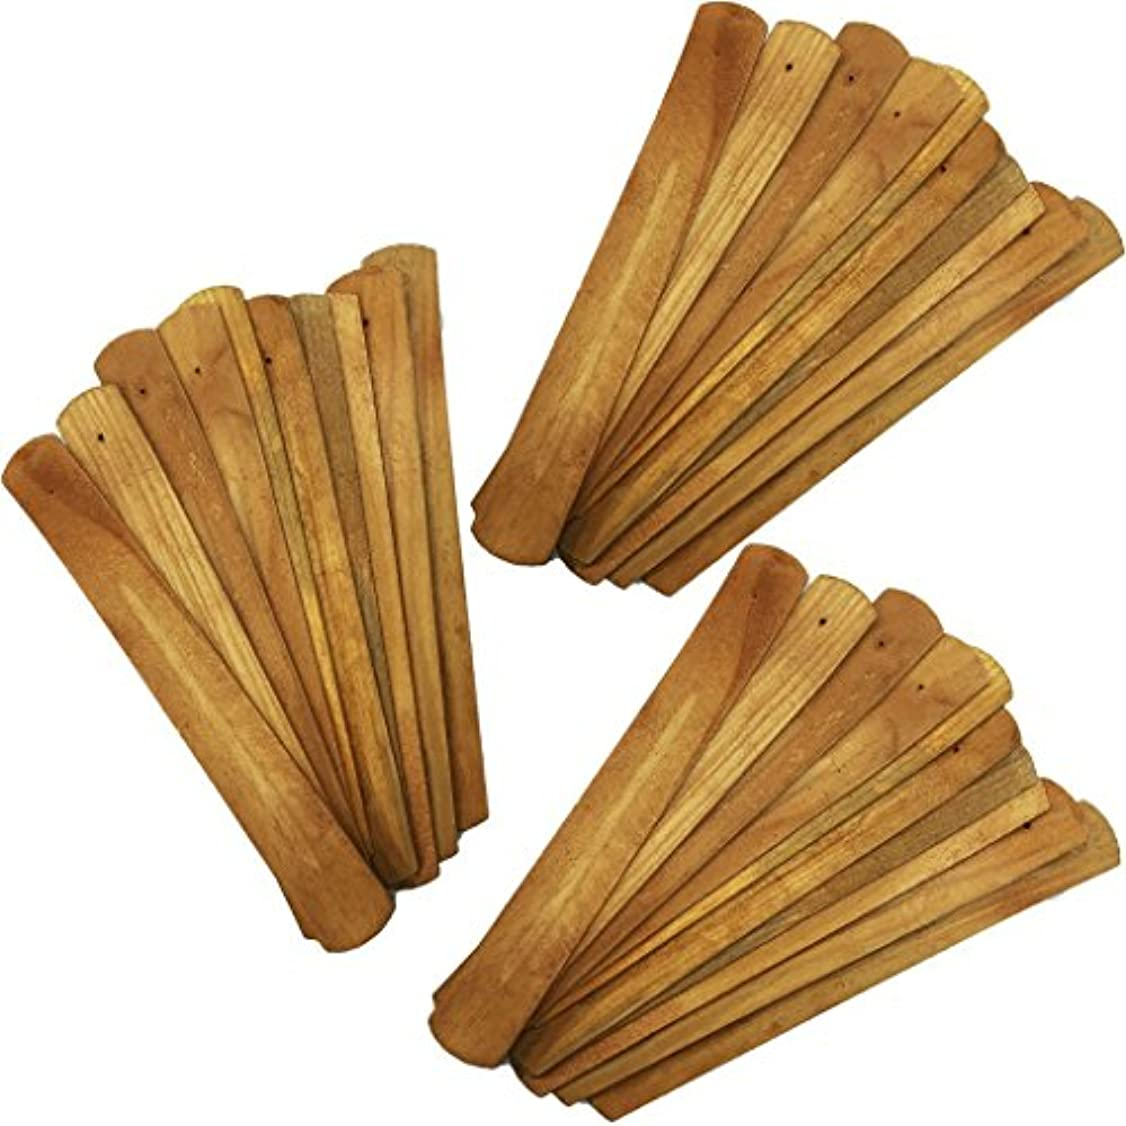 涙が出るエレベーター猟犬(30) - 30pcs Handmade Plain Wood Wooden Incense Stick Holder Burner Ash Catcher Natural Design Buddhist (30)